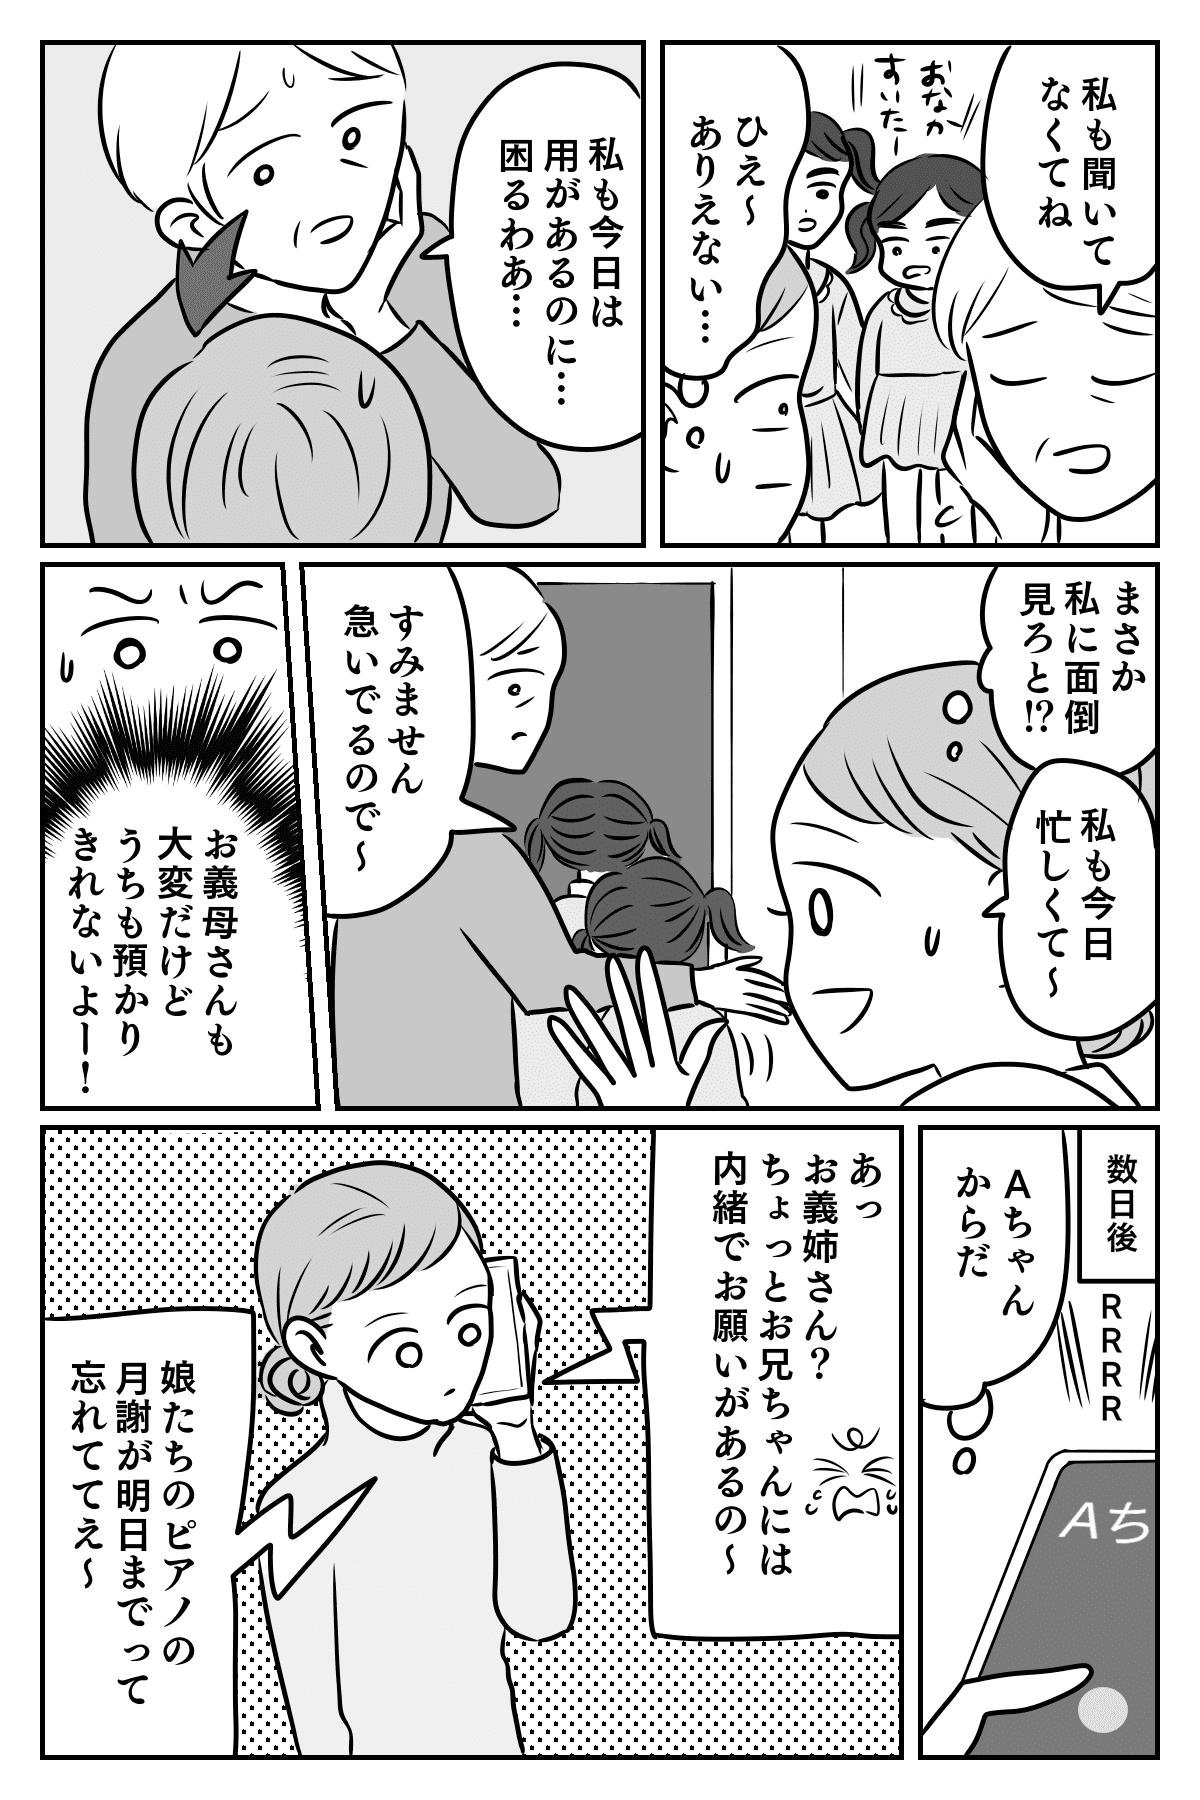 【前編】お金にルーズな義妹「2万円貸して」